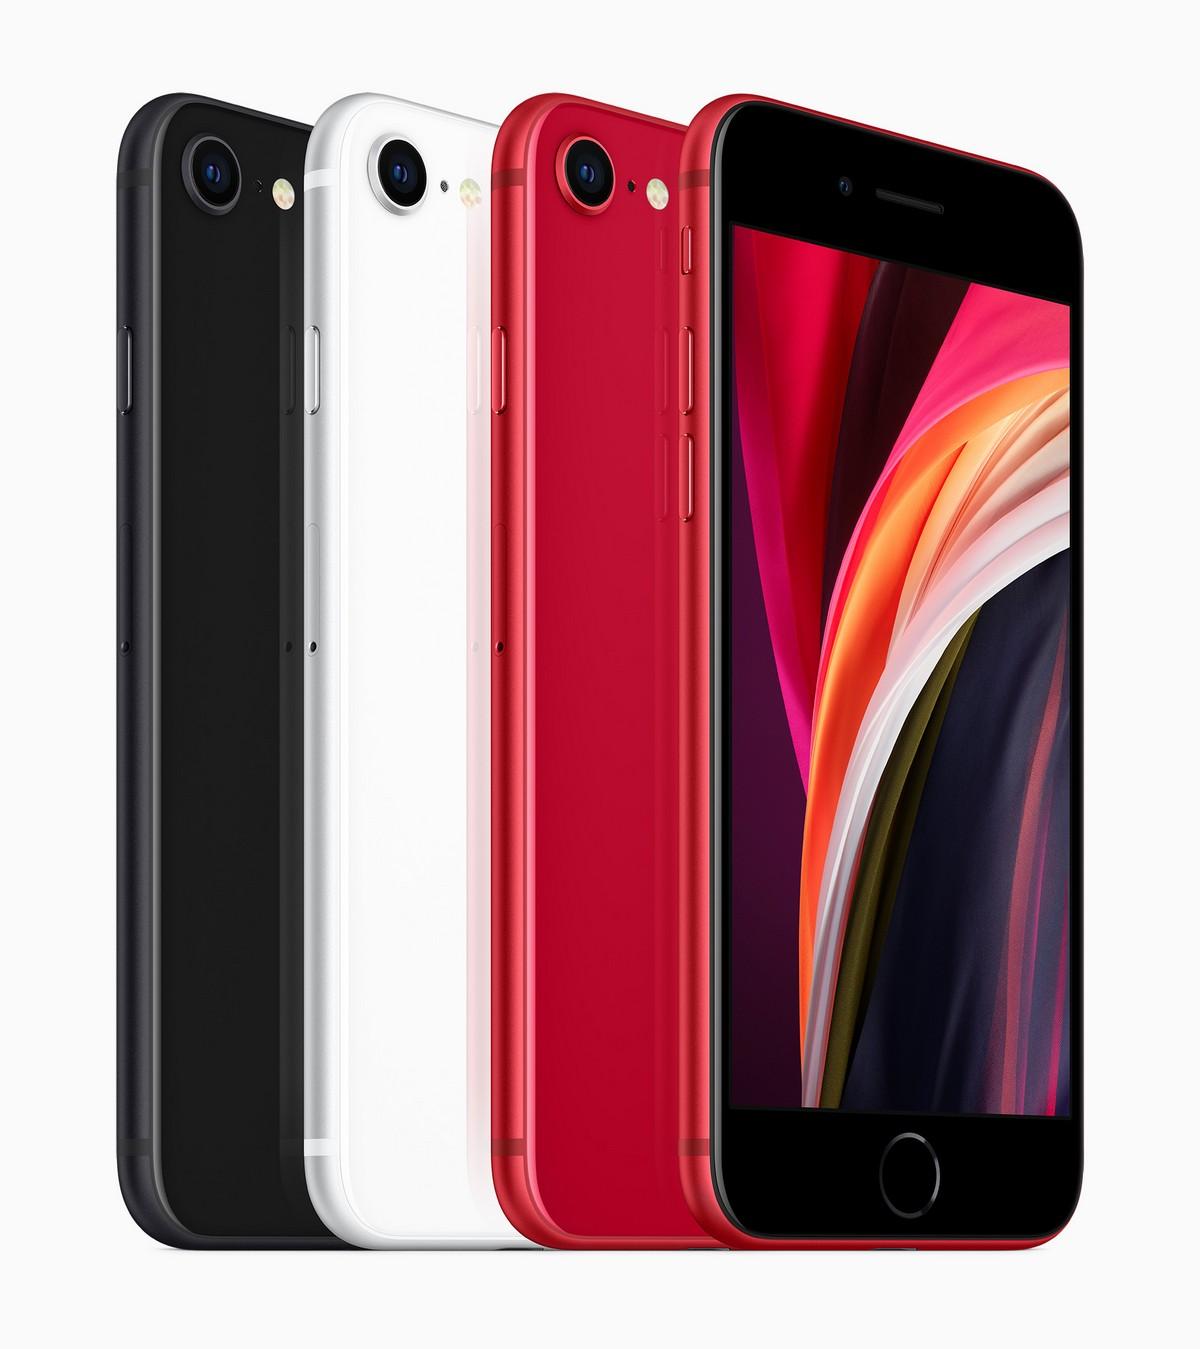 Aspectul dezamagitor la noul iPhone SE al Apple, conform zvonurilor